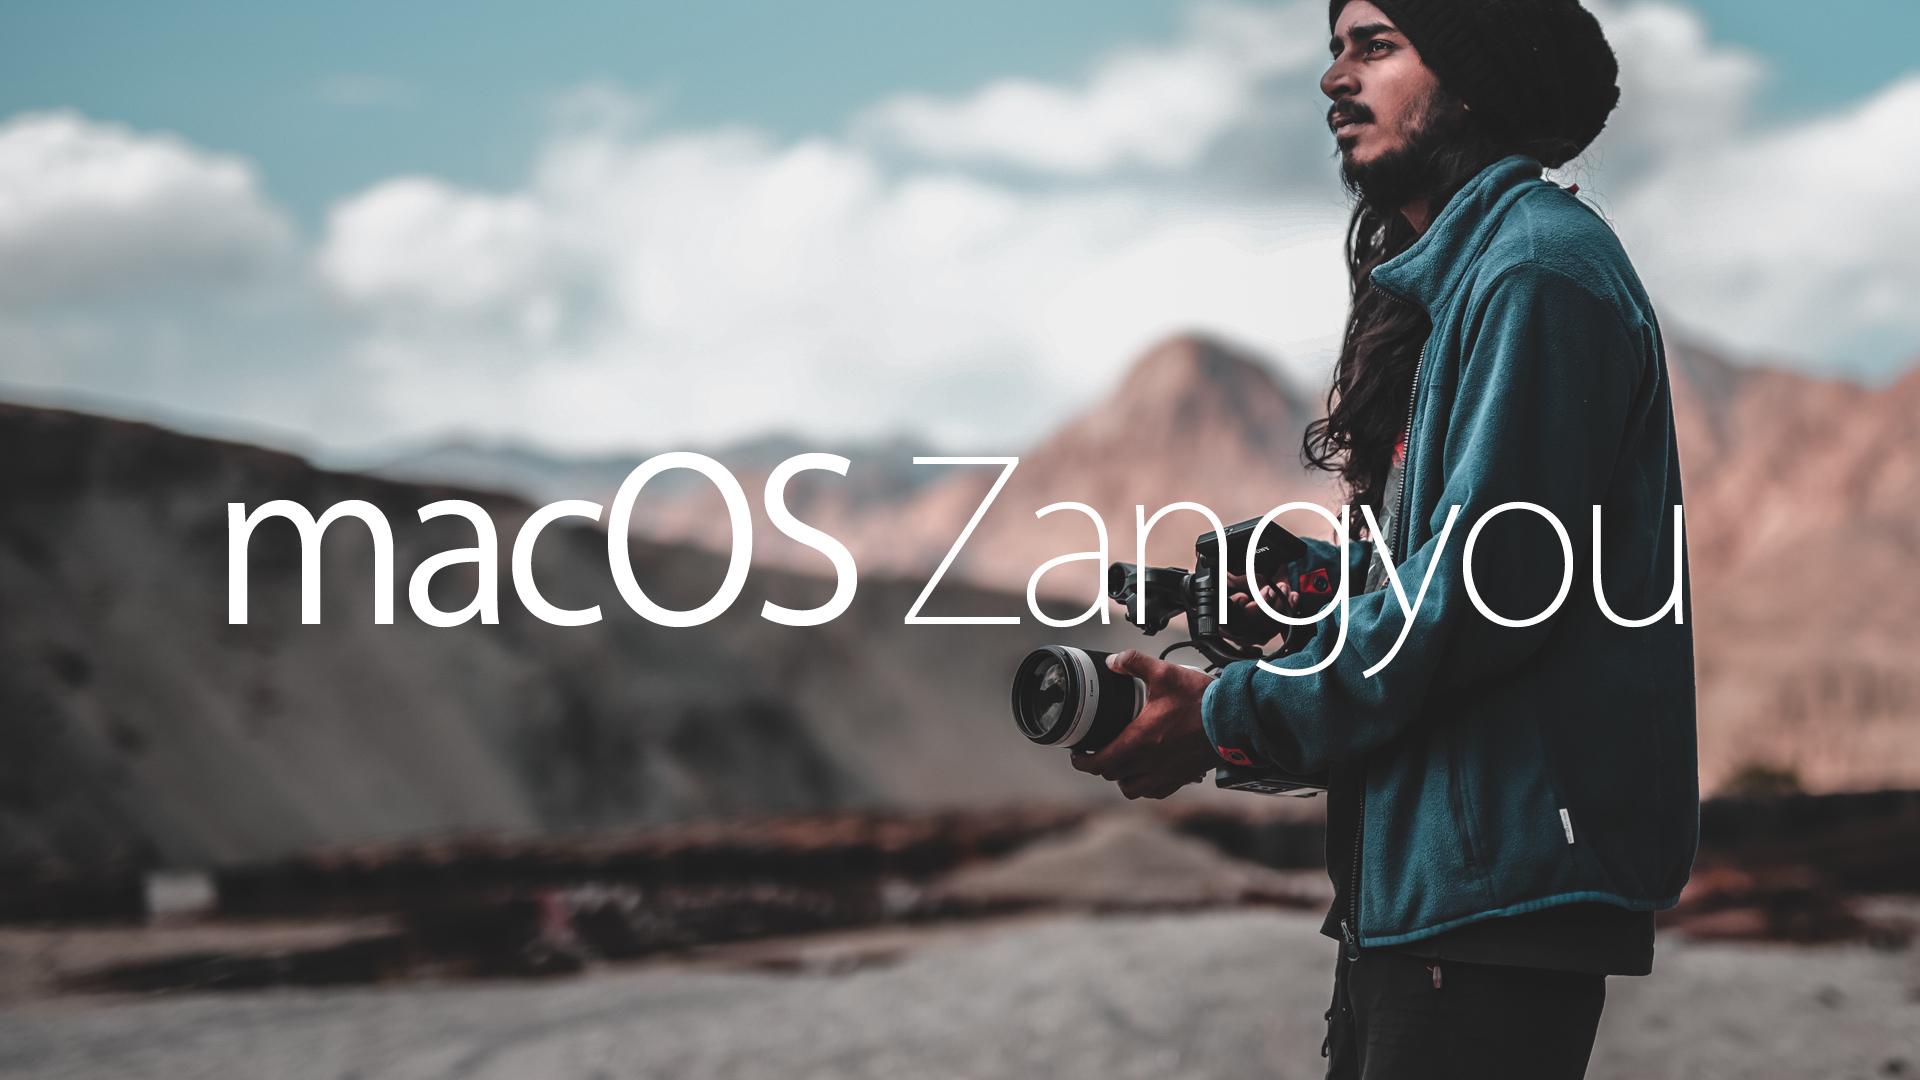 Mac OS Zangyou